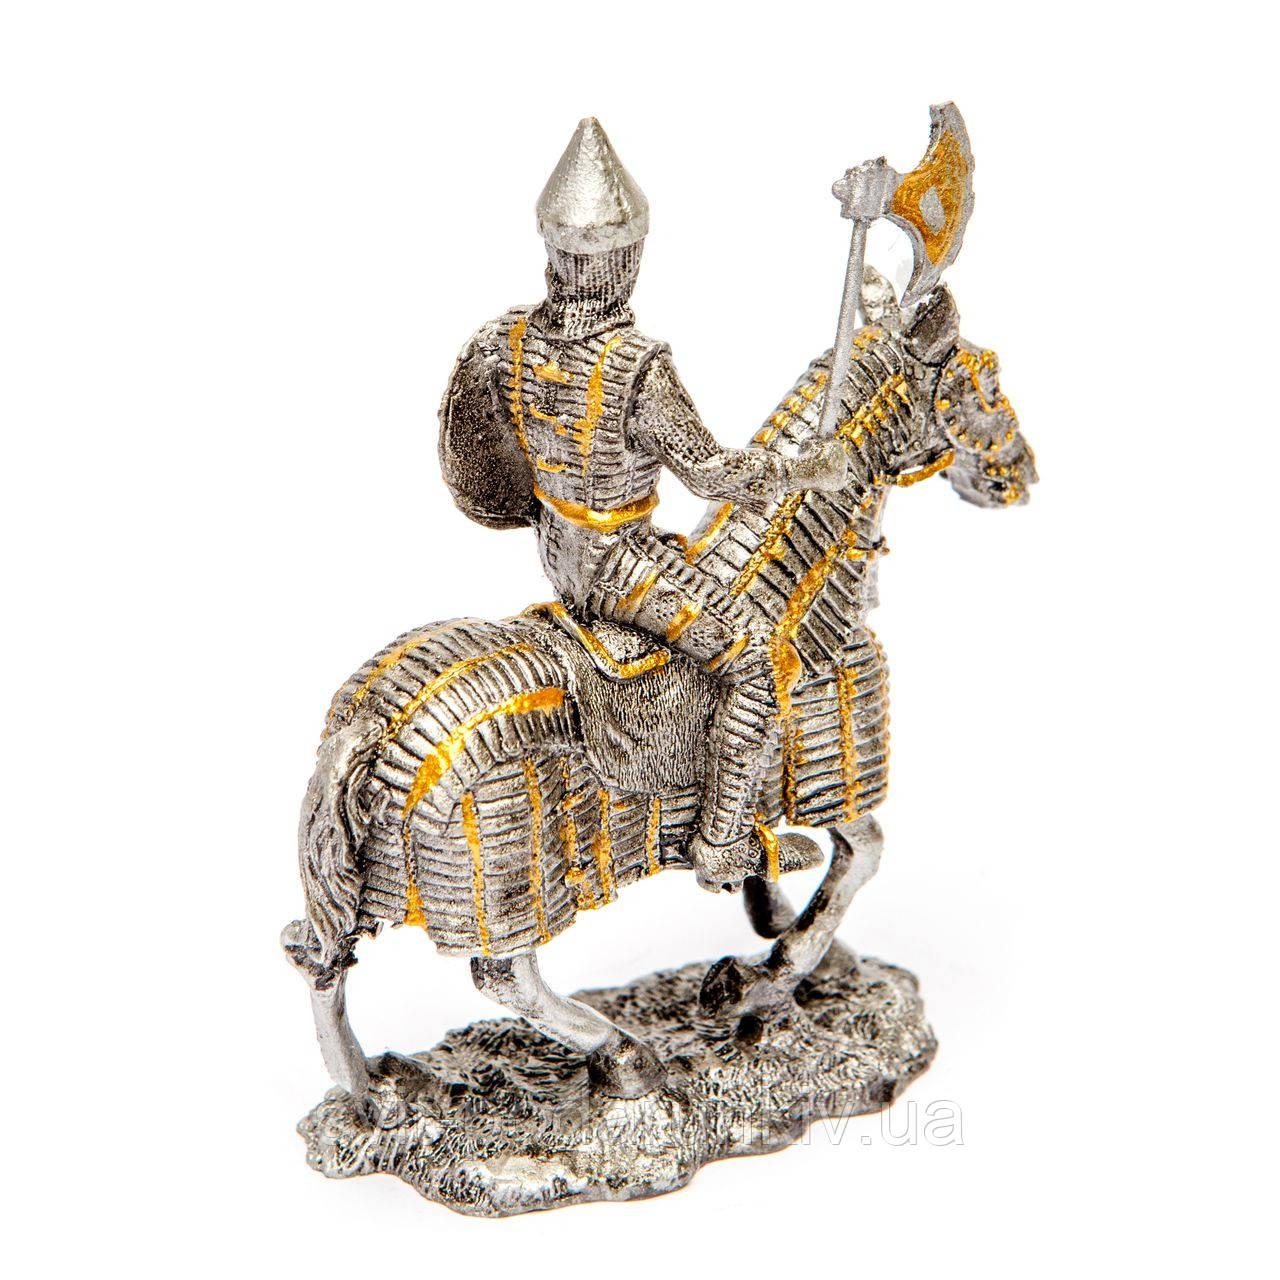 статуэтка рыцаря